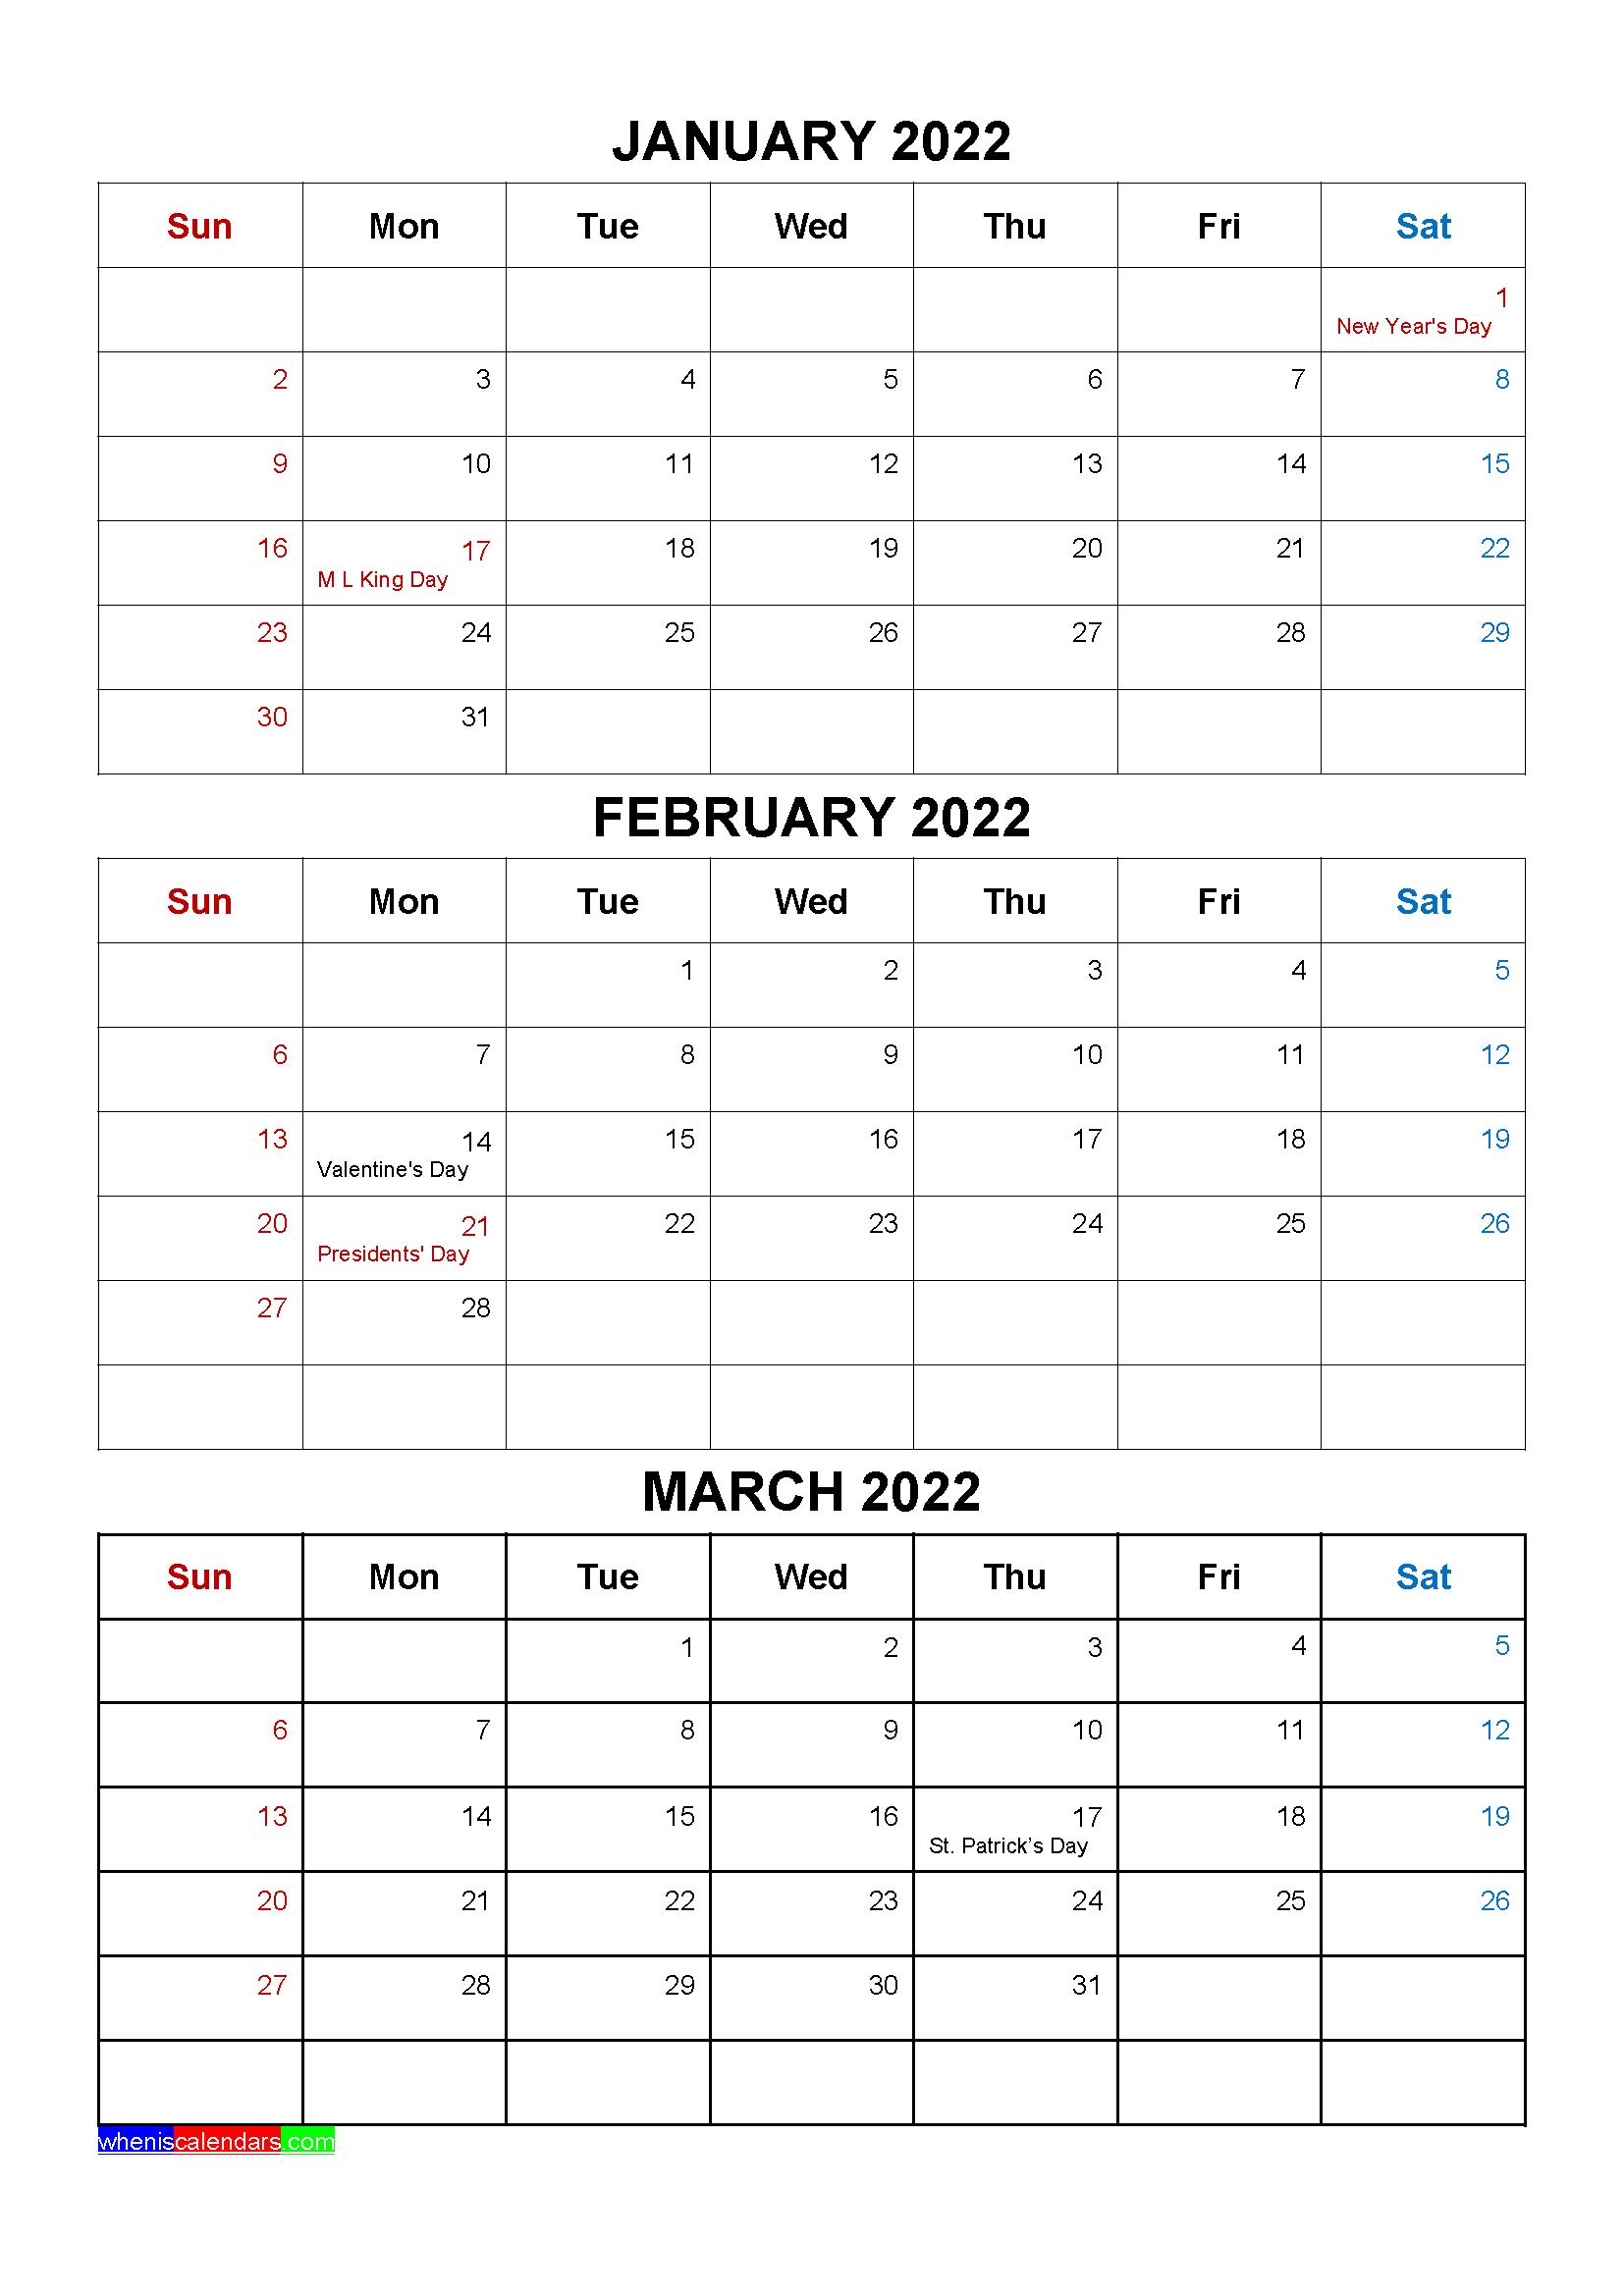 Mar 2022 Calendar.Free January February March 2022 Calendar With Holidays Four Quarters Free Printable 2021 Monthly Calendar With Holidays